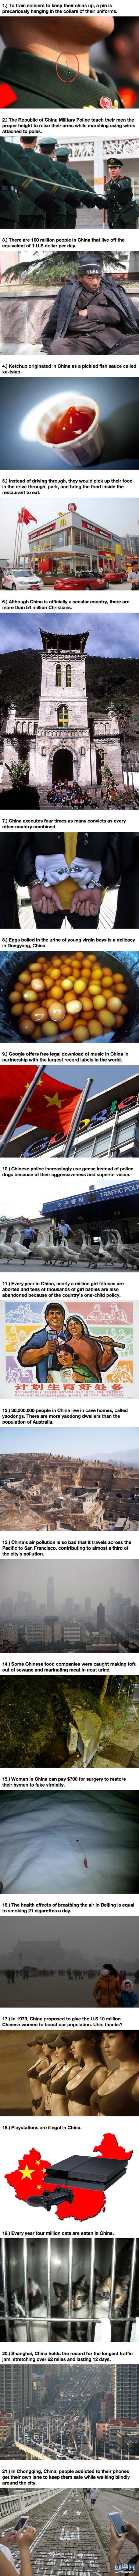 Odd things about China